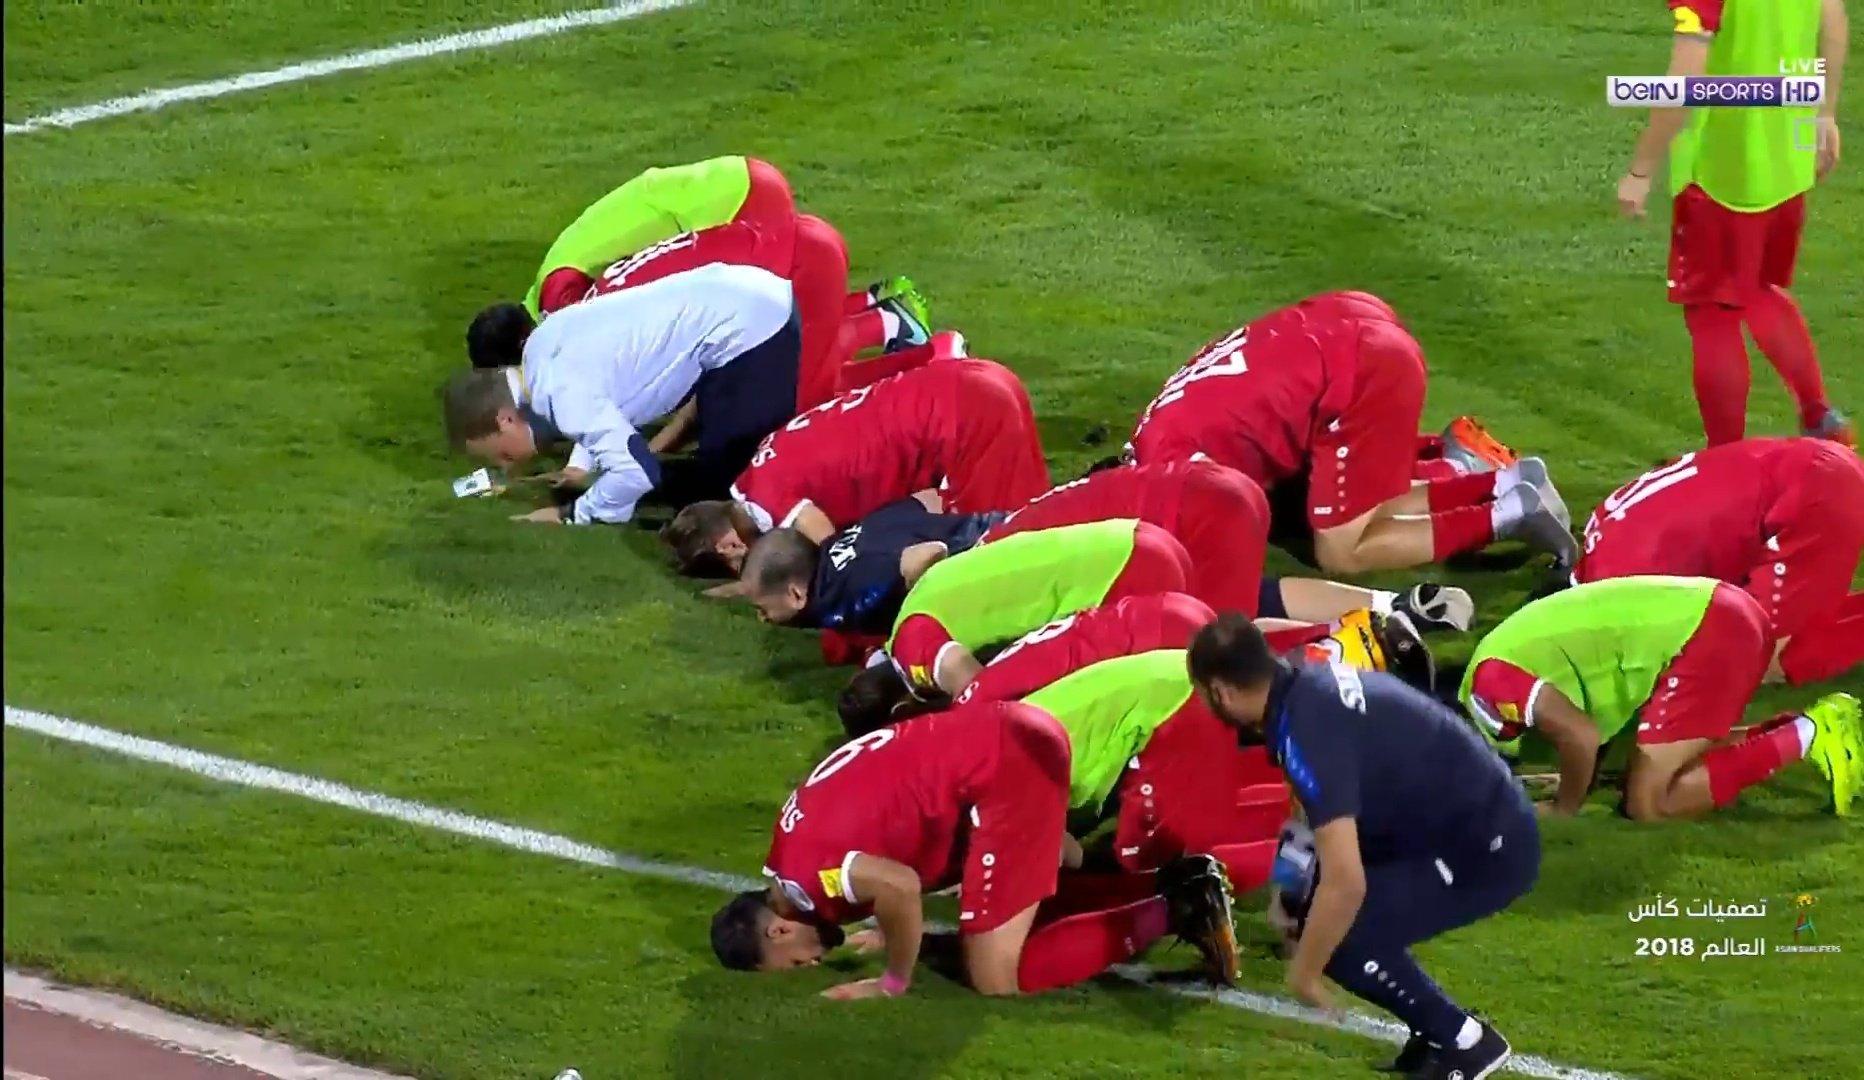 هدف السومة القاتل في شباك ايران يعيد آمال سوريا في التأهل لكأس العالم